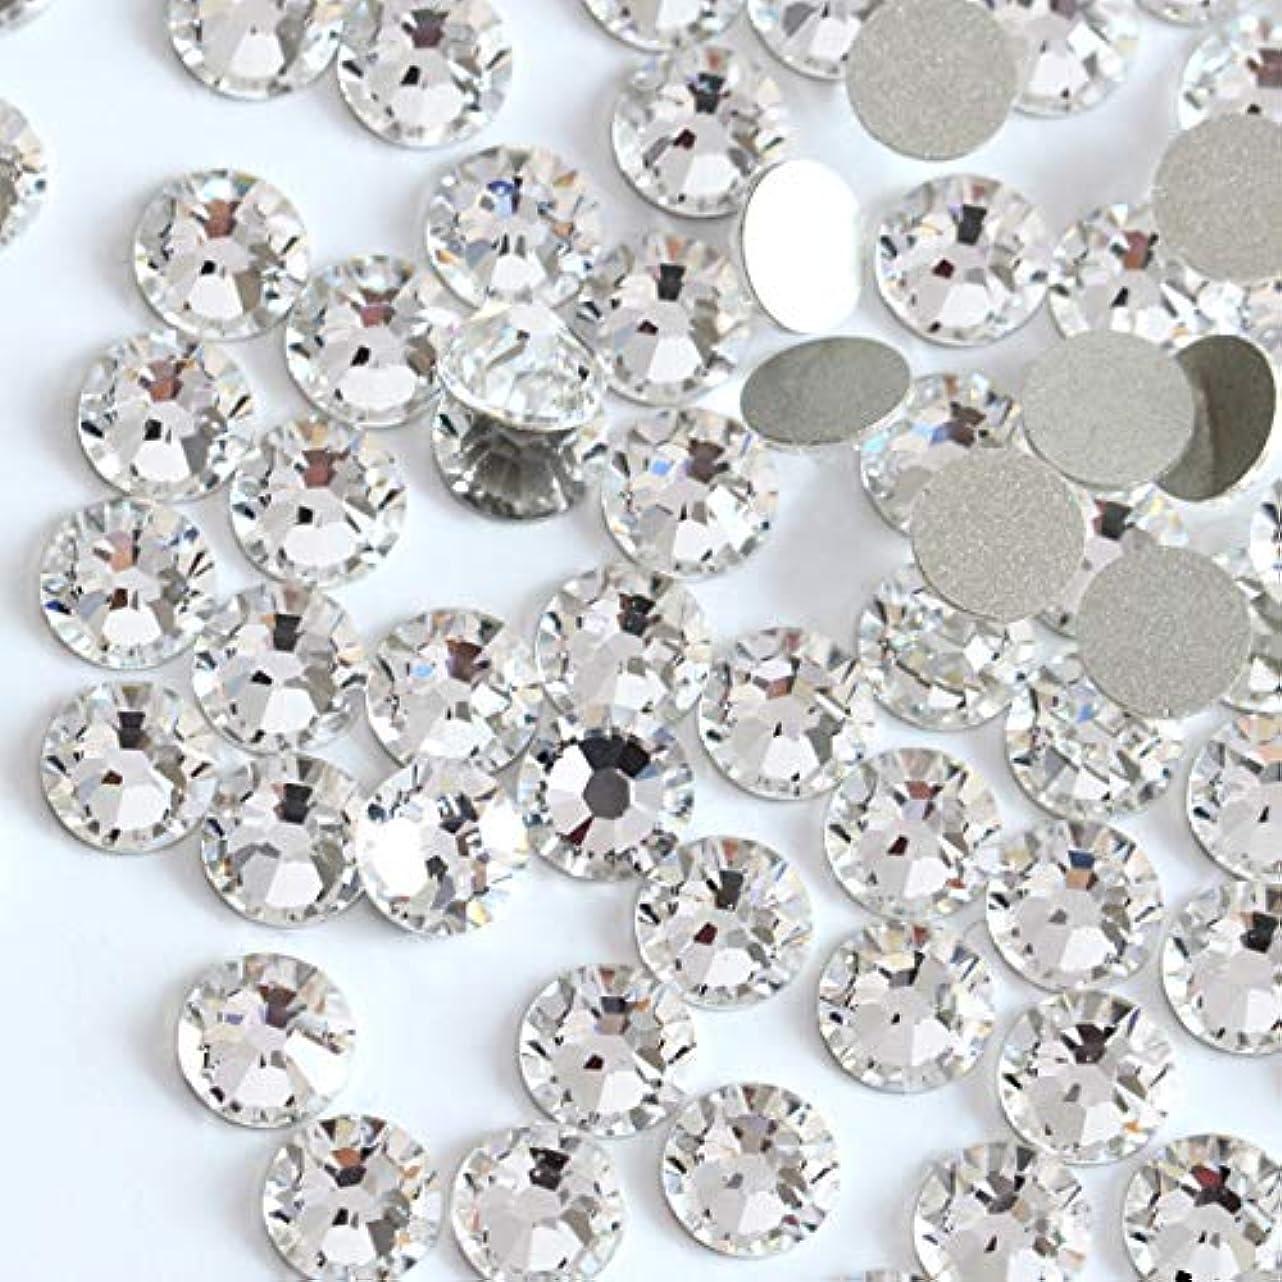 プリーツけがをするランダム【ラインストーン77】高品質ガラス製ラインストーン クリスタル SS3(1.3mm)約1440粒